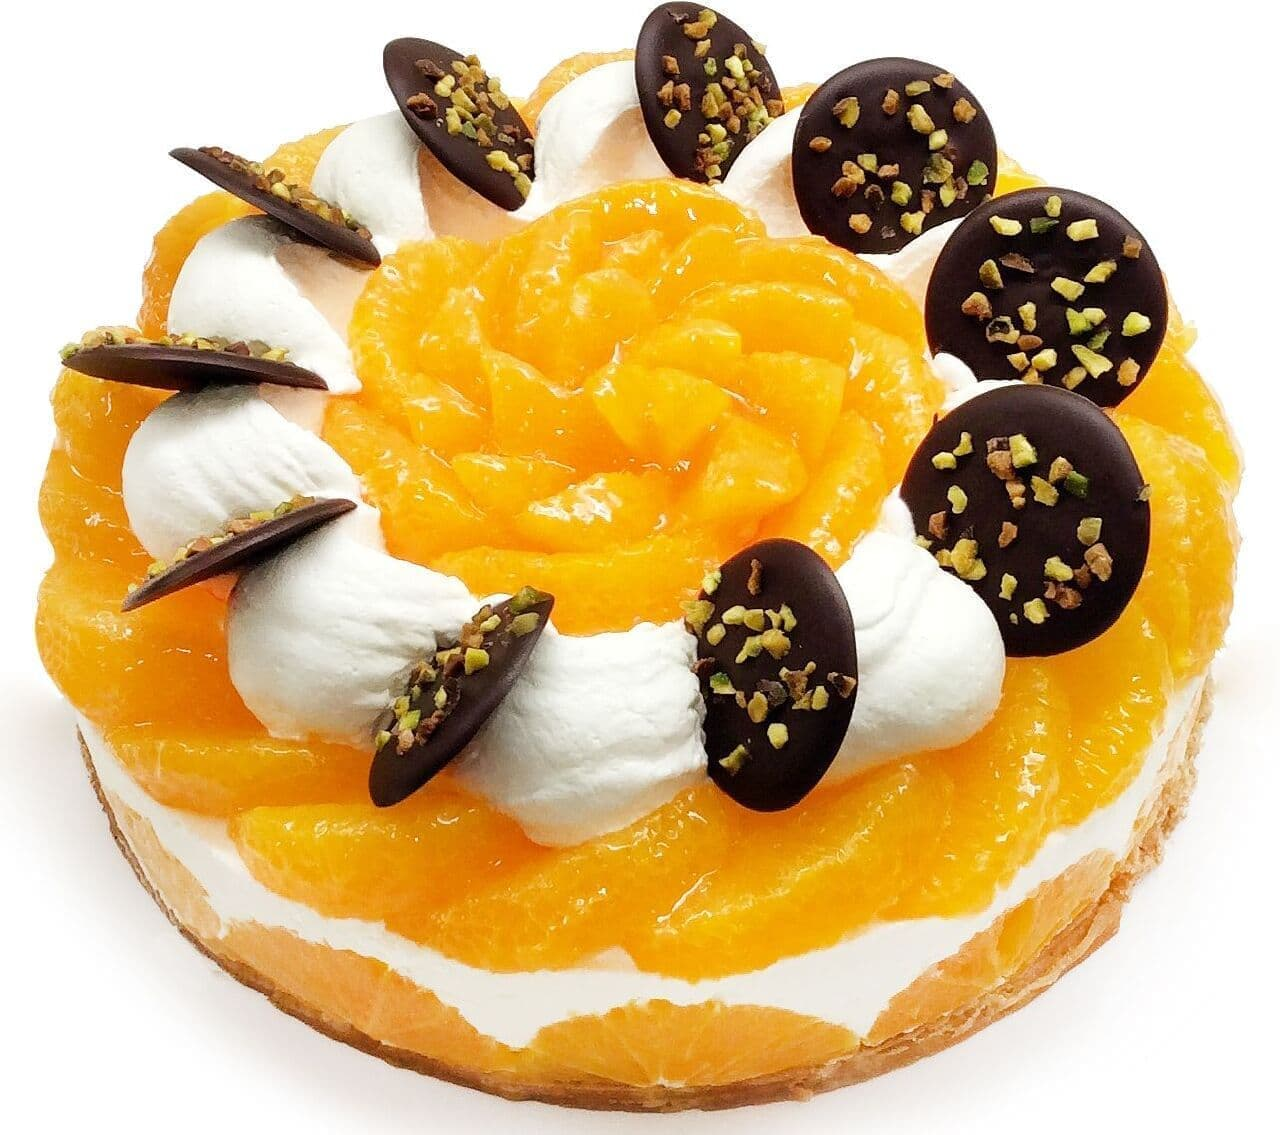 カフェコムサ「愛媛県 宇和島 西谷農園産「清見オレンジ」のレアチーズケーキ」